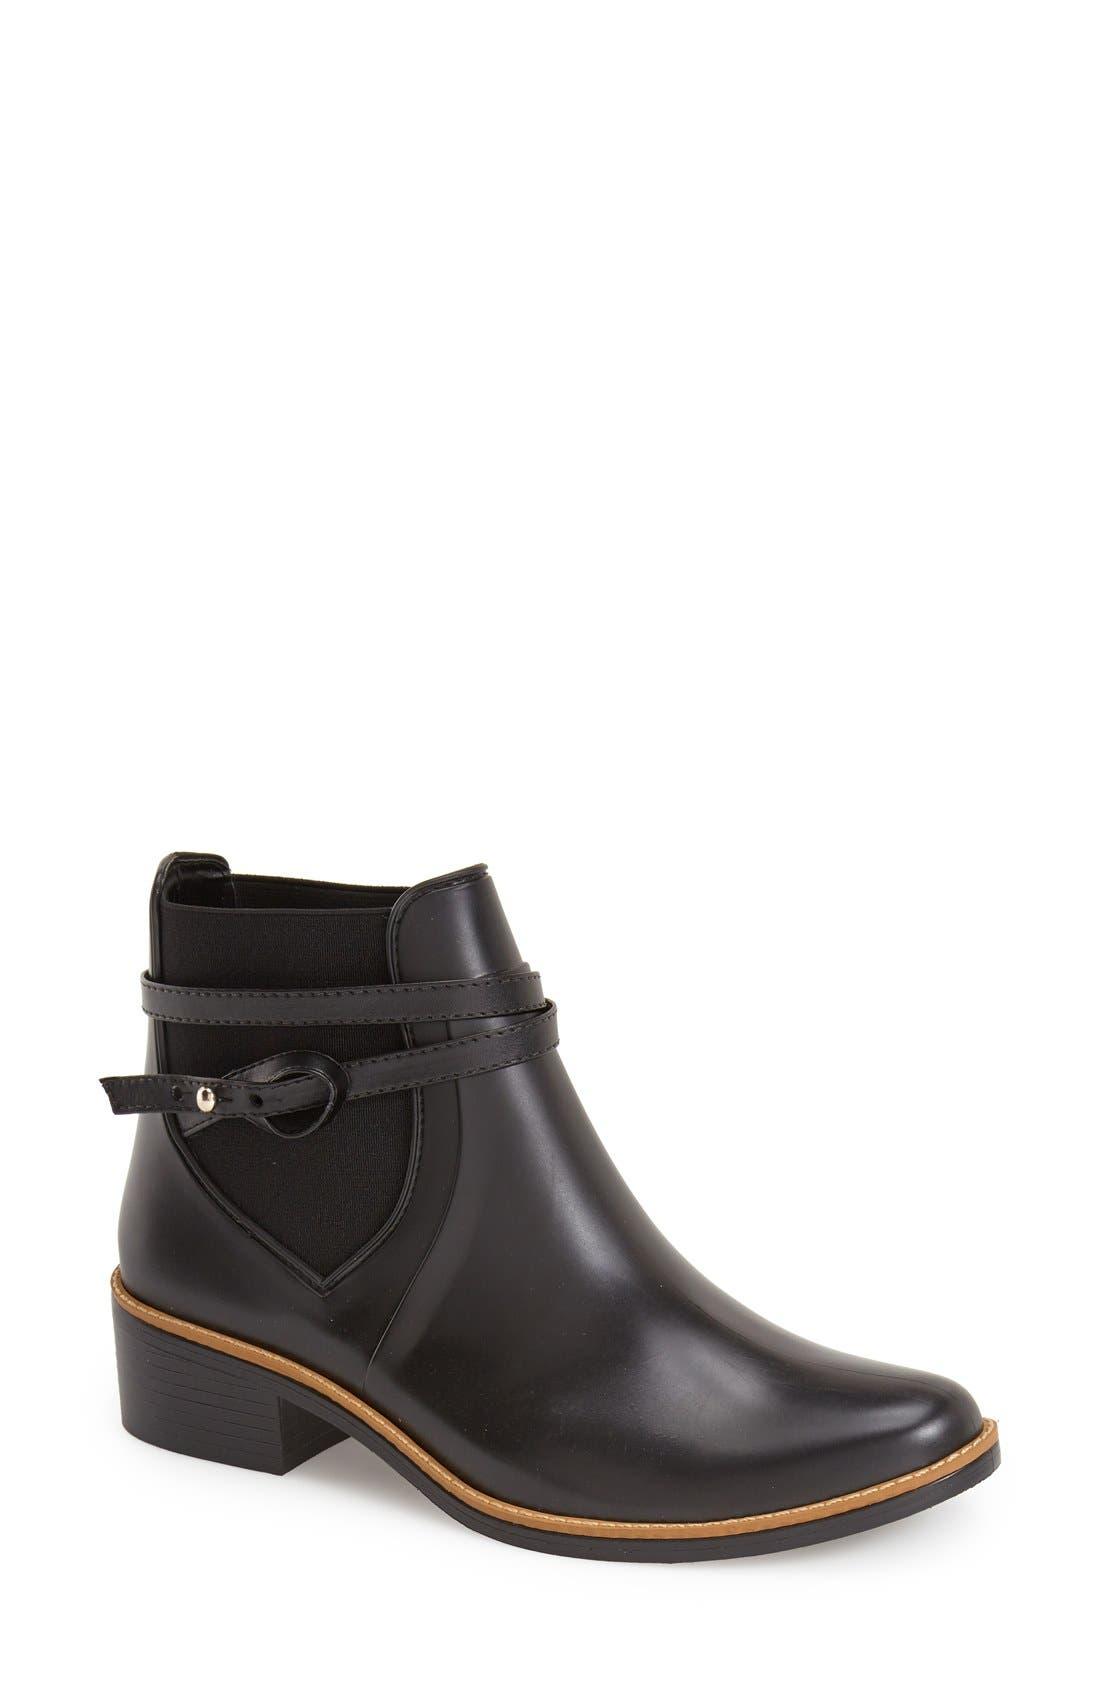 Bernardo Peony Short Waterproof Rain Boot,                         Main,                         color, Black